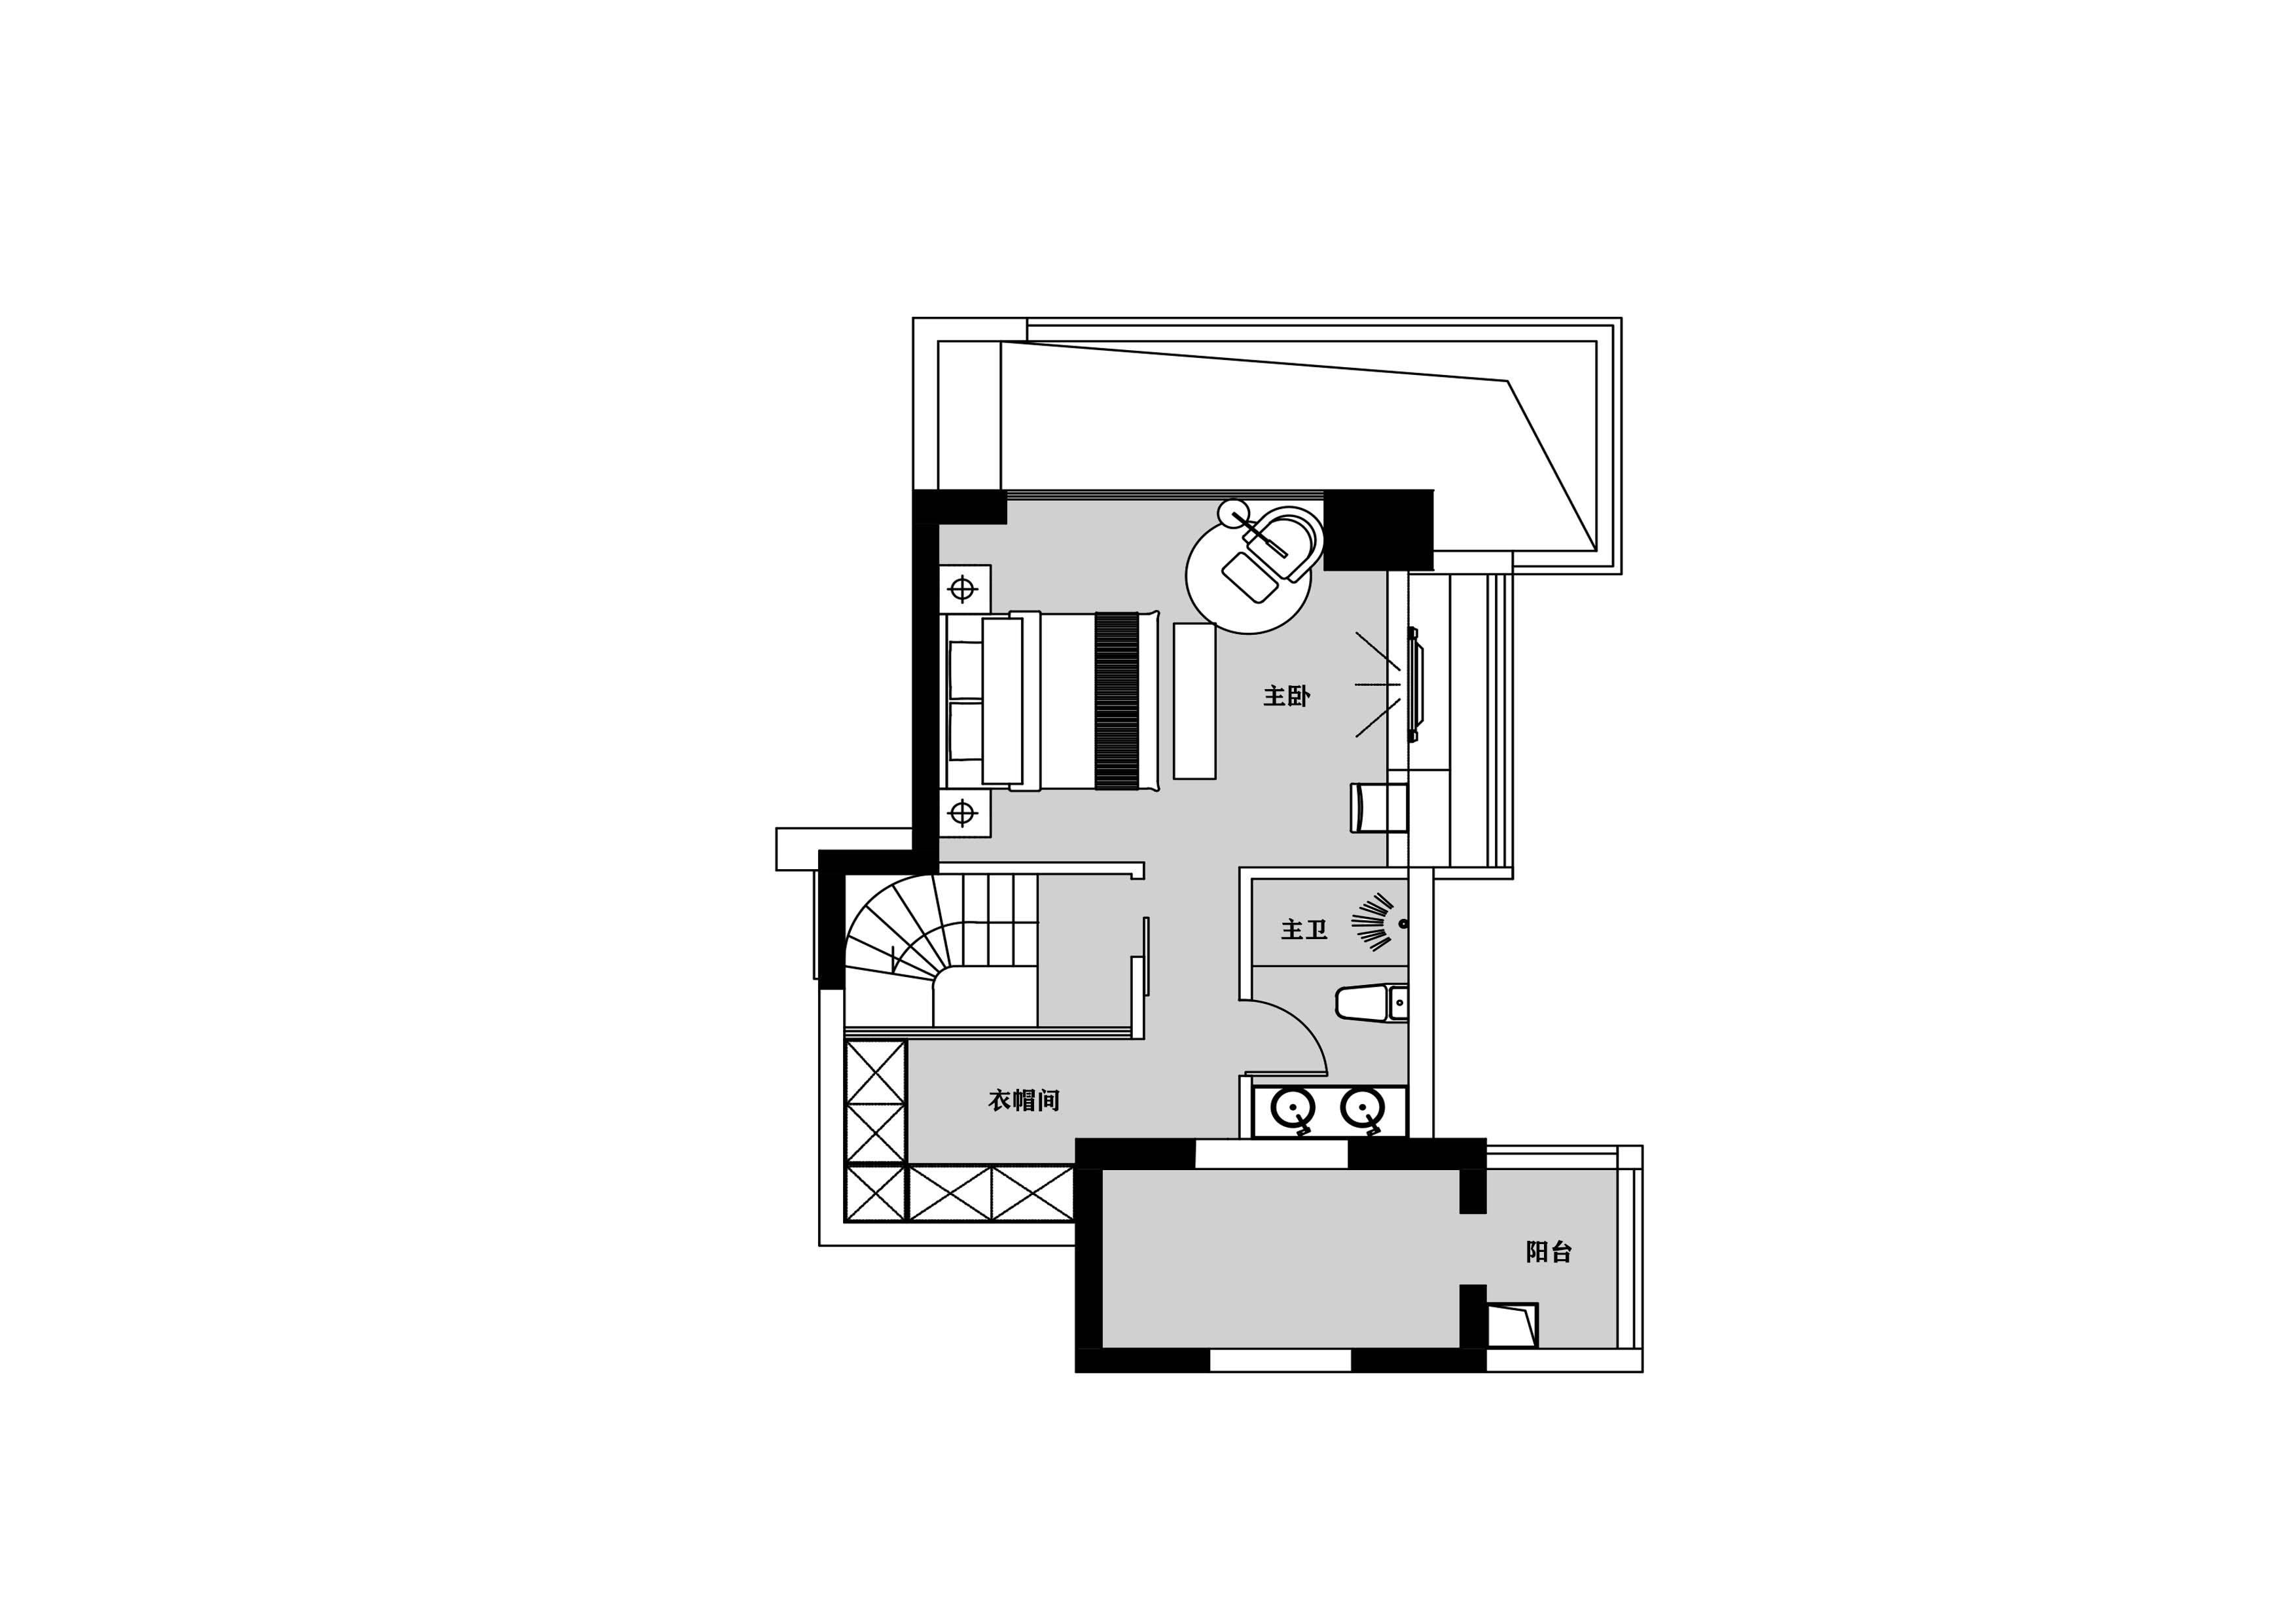 卧龙谷壹号二楼平面布置.jpg